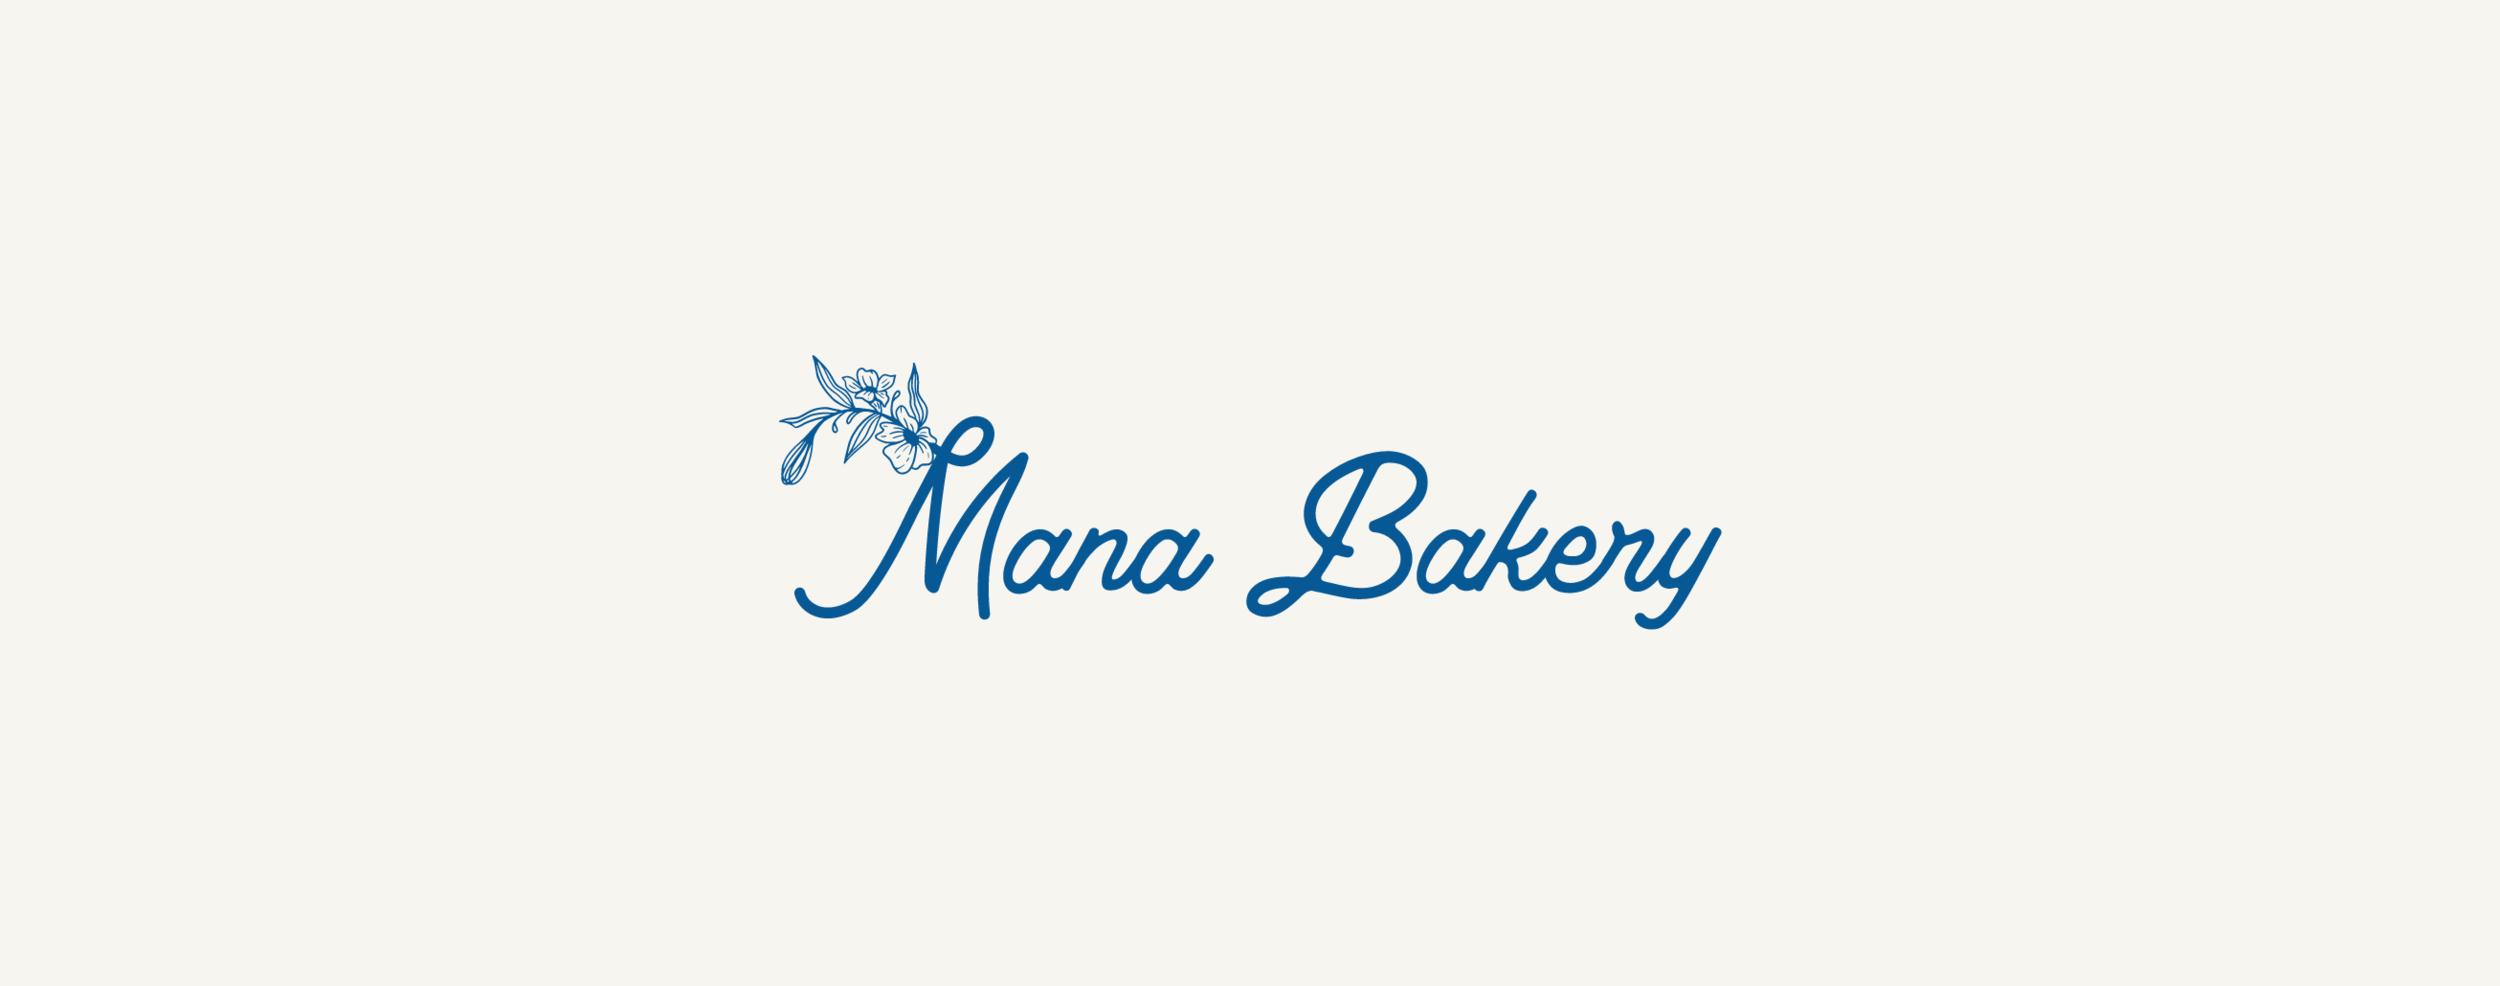 Mana-Bakery-Header-Main-Logo@2x.png